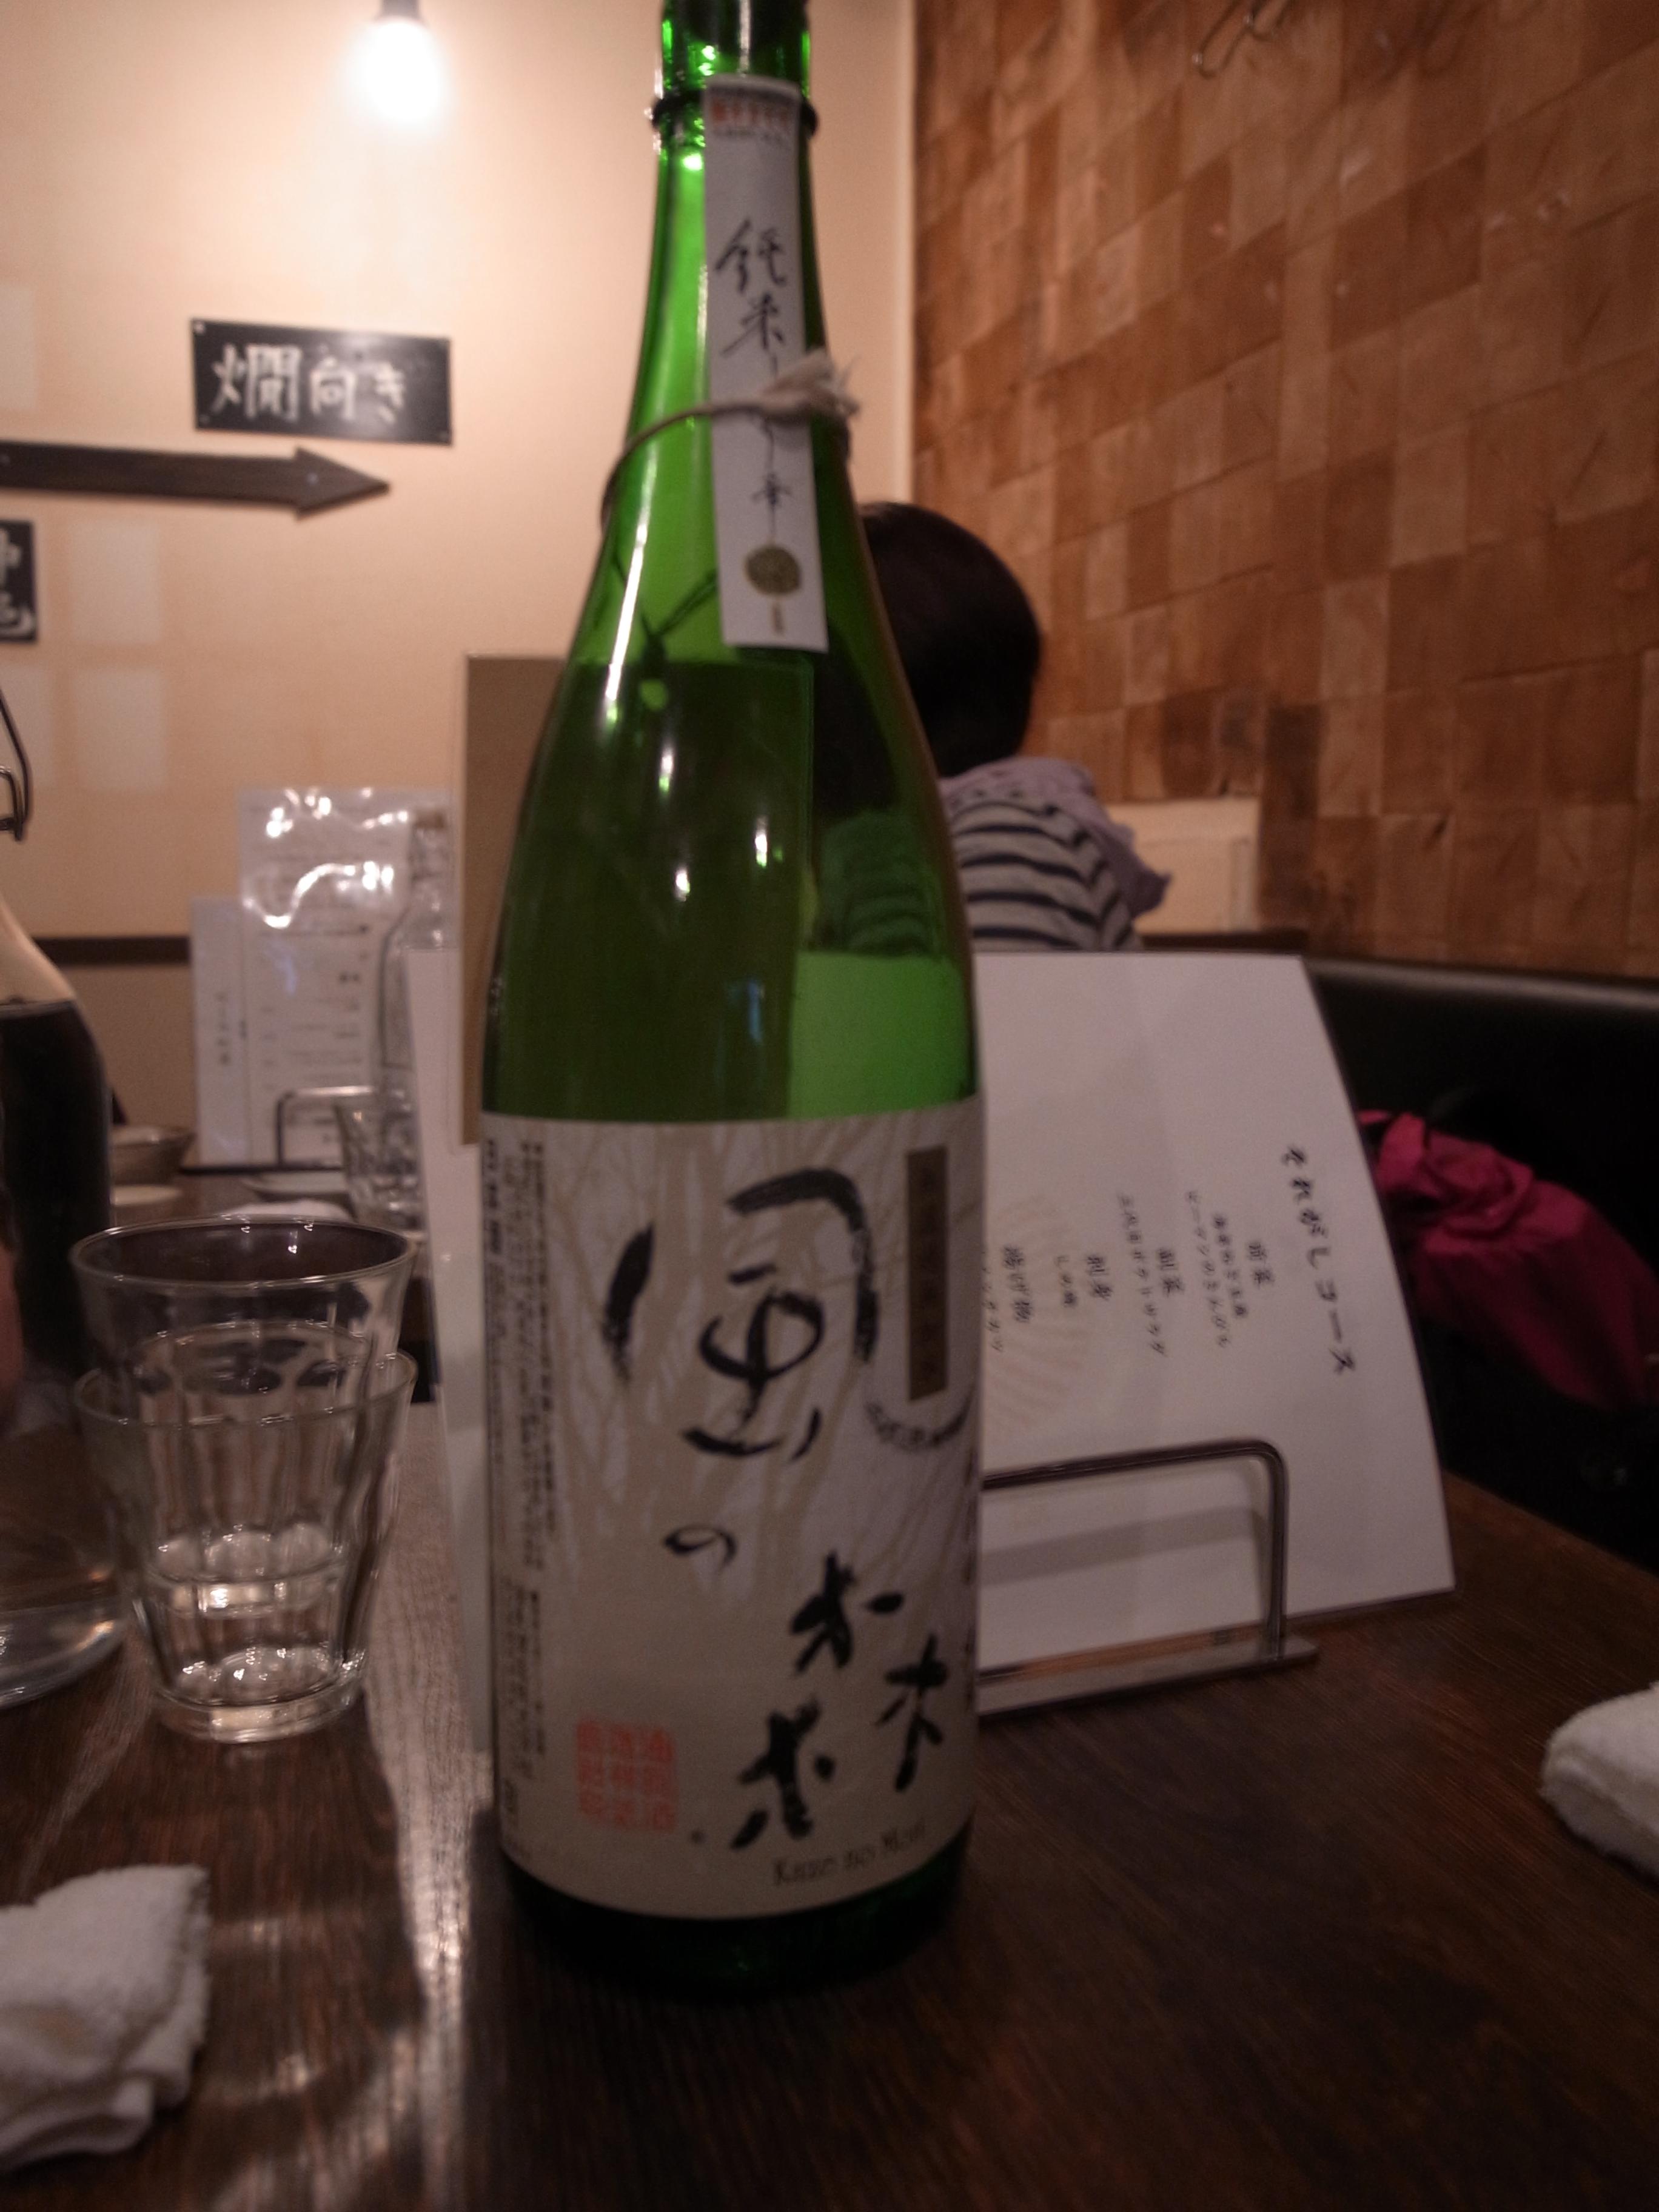 山手線沿いの日本酒がおいしい居酒屋:五反田「酒場それがし」 (2)